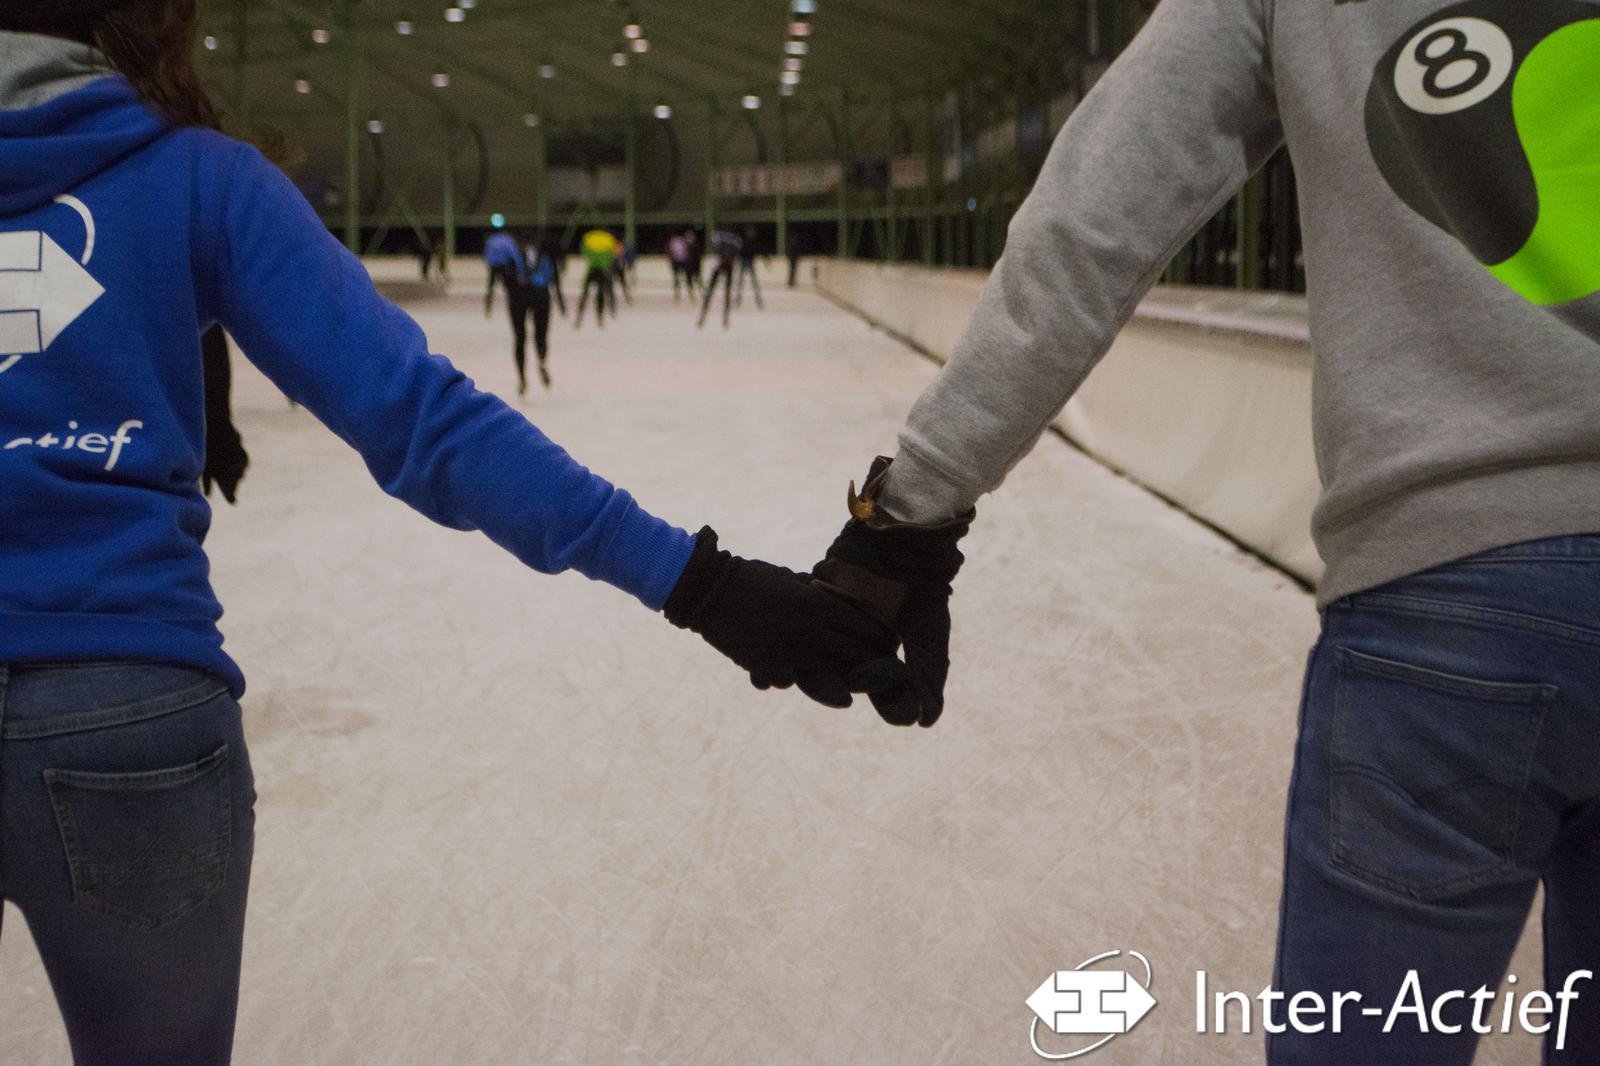 IceSkating20200116_NielsdeGroot-65.jpg